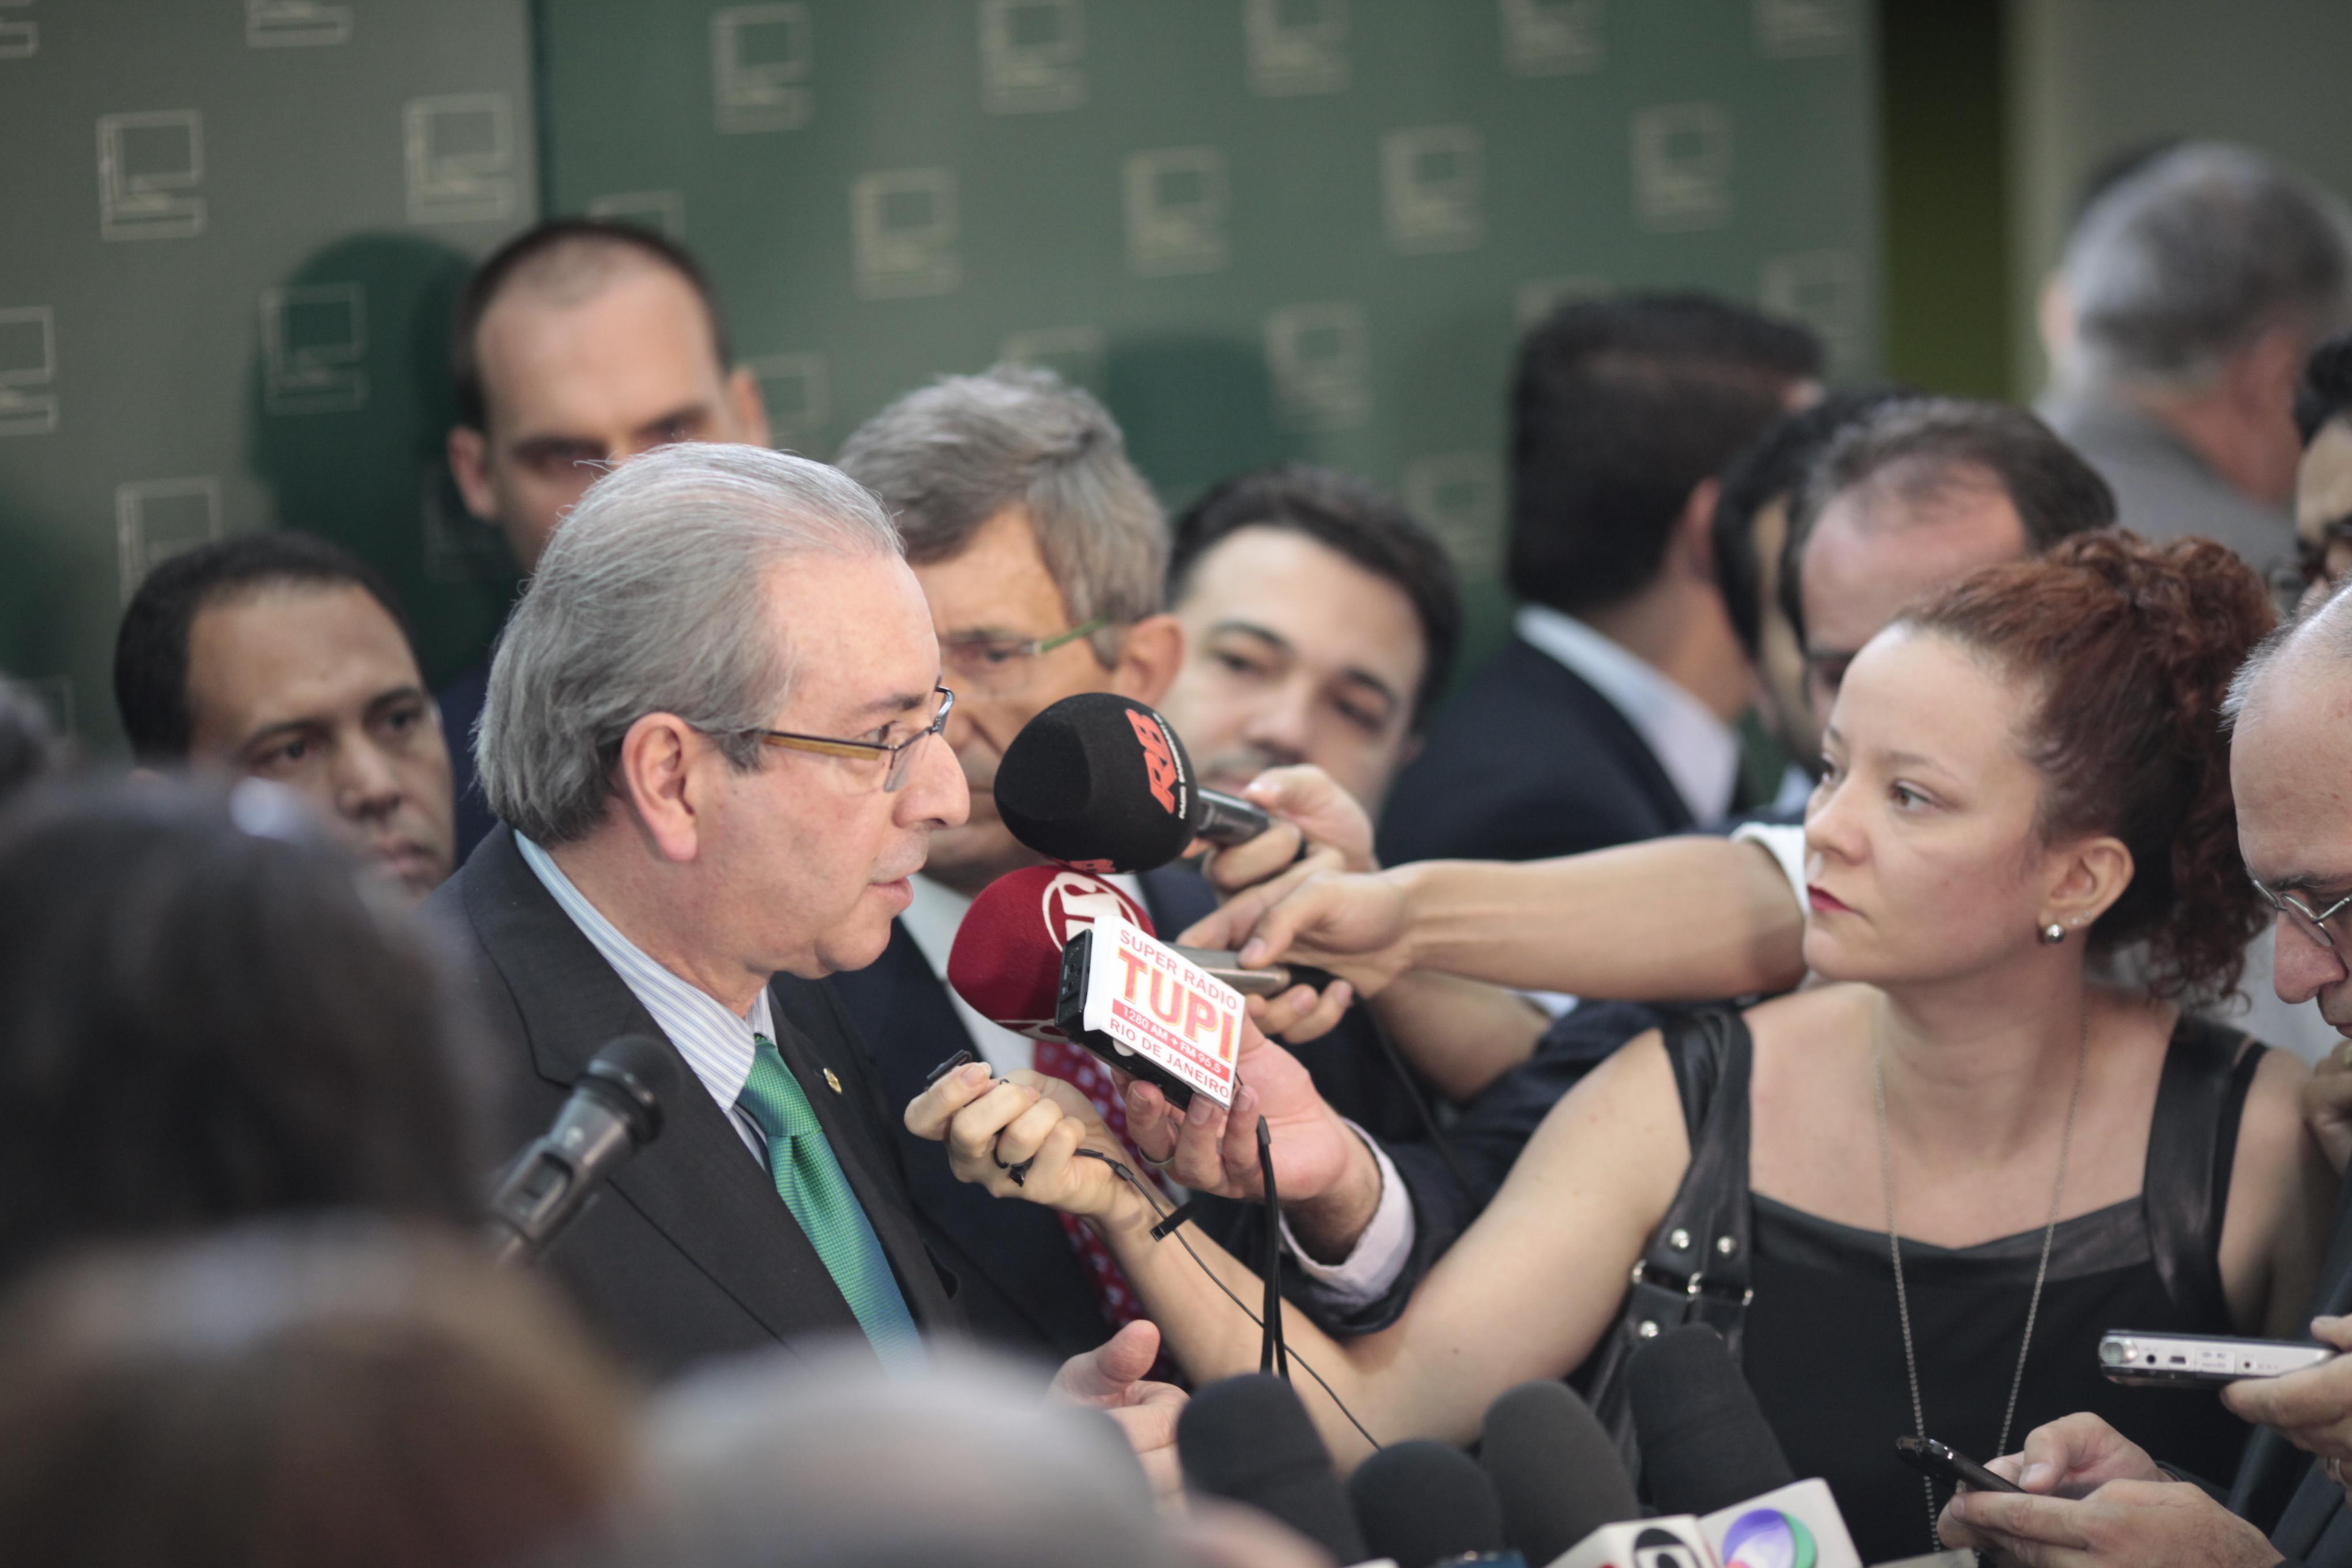 IMAGEM: De volta, Eduardo Cunha quer recompor MDB da Câmara e dar governabilidade a Bolsonaro